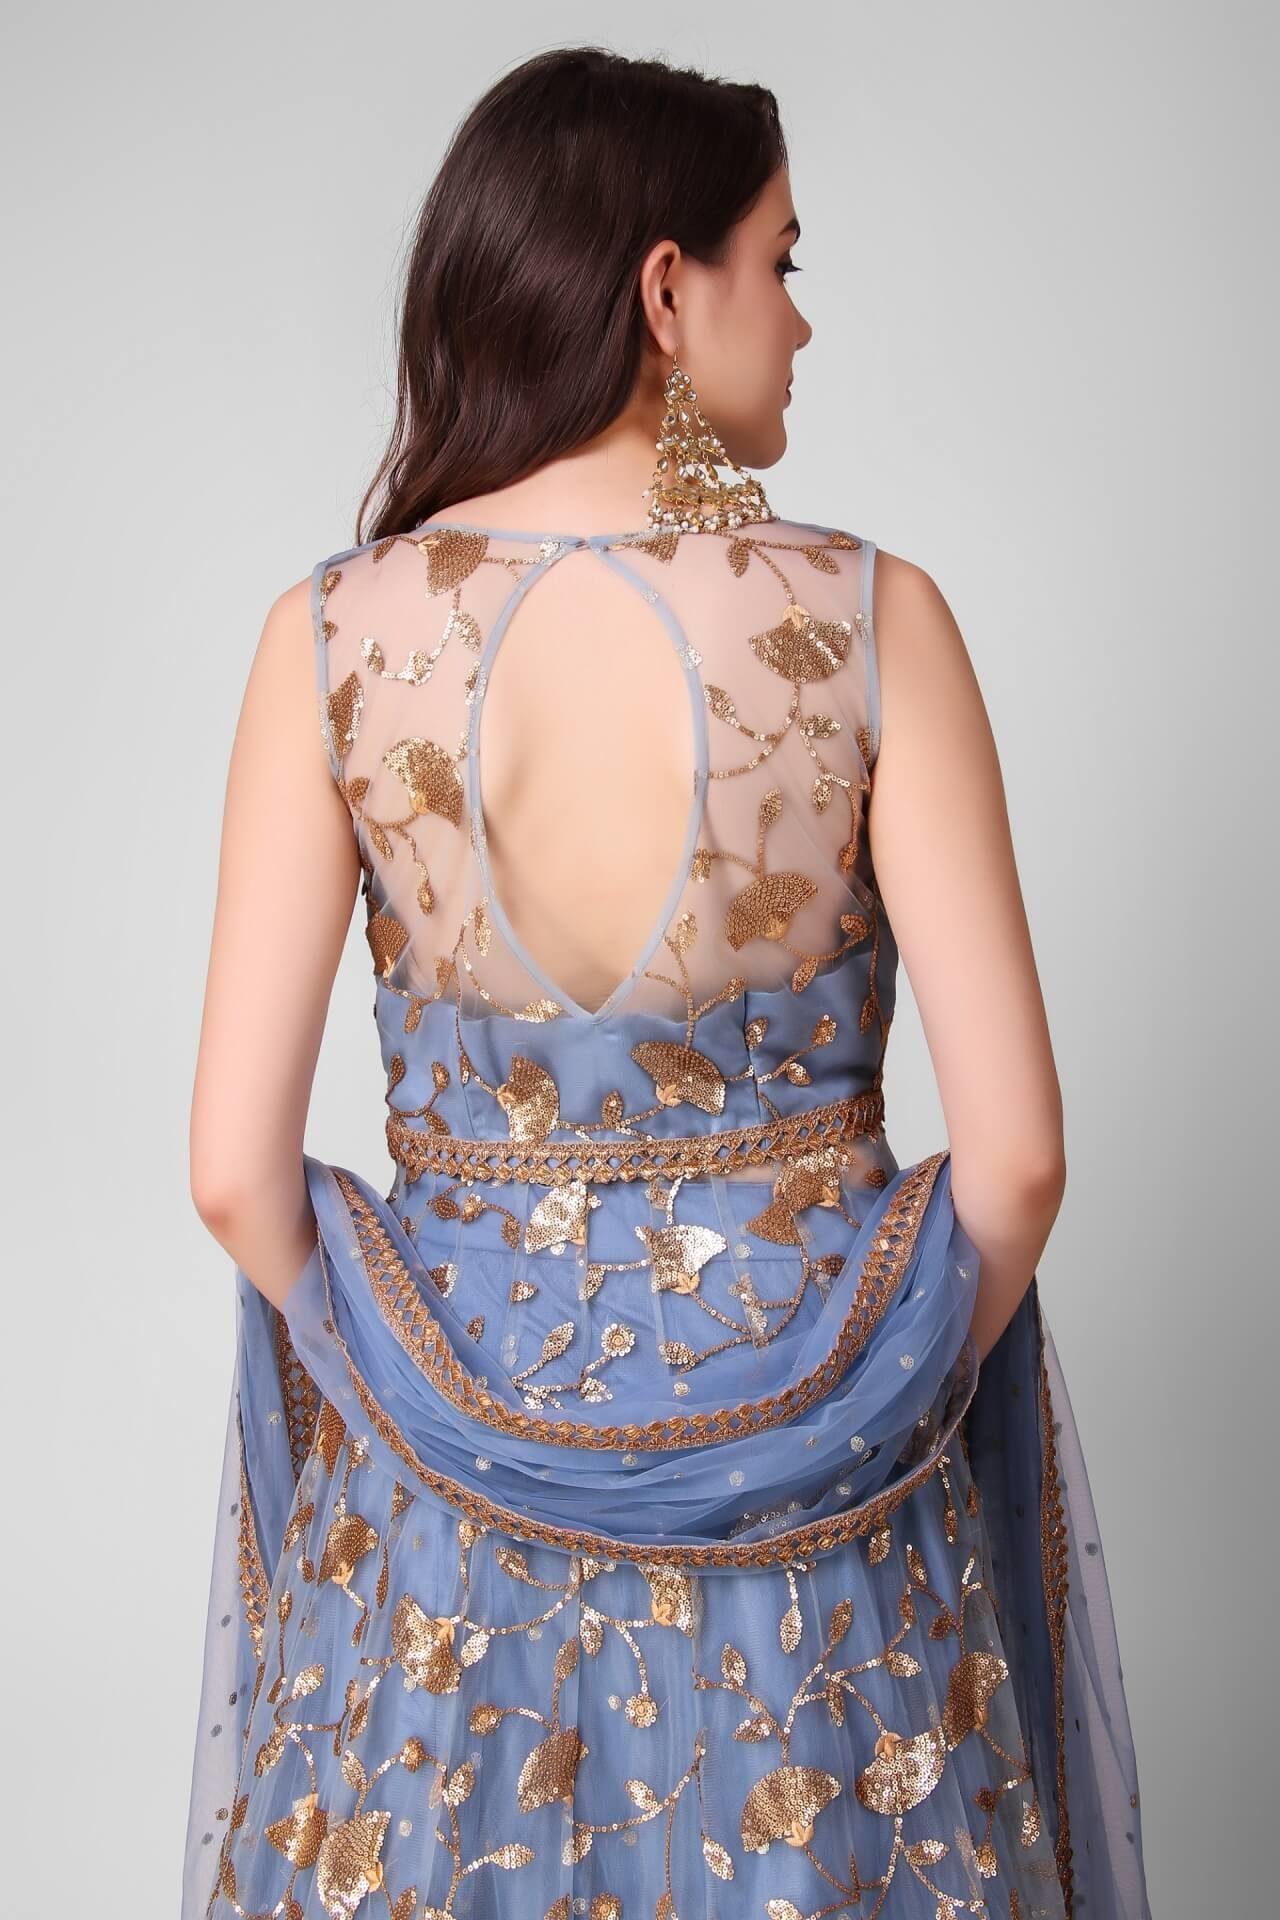 Dusty Blue Embroidered Jacket Lehenga